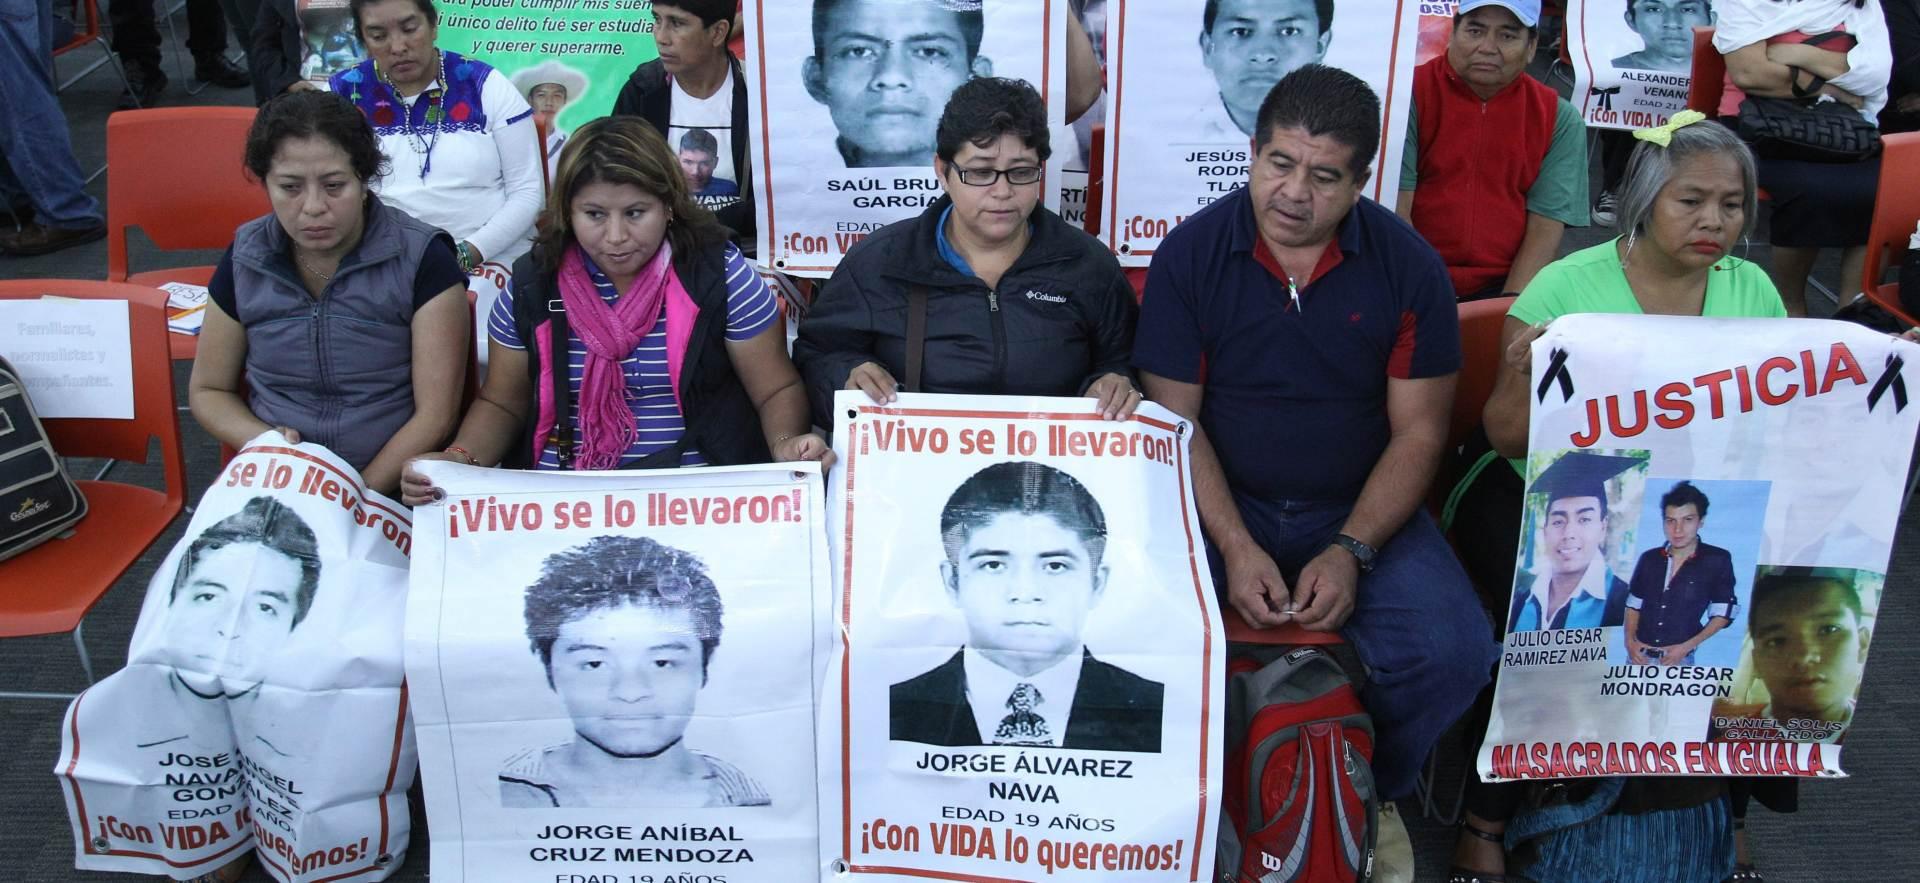 ZAOKRET U ISTRAZI: Meksiko će ponovno ispitati je su li 43 lani oteta učenika spaljena